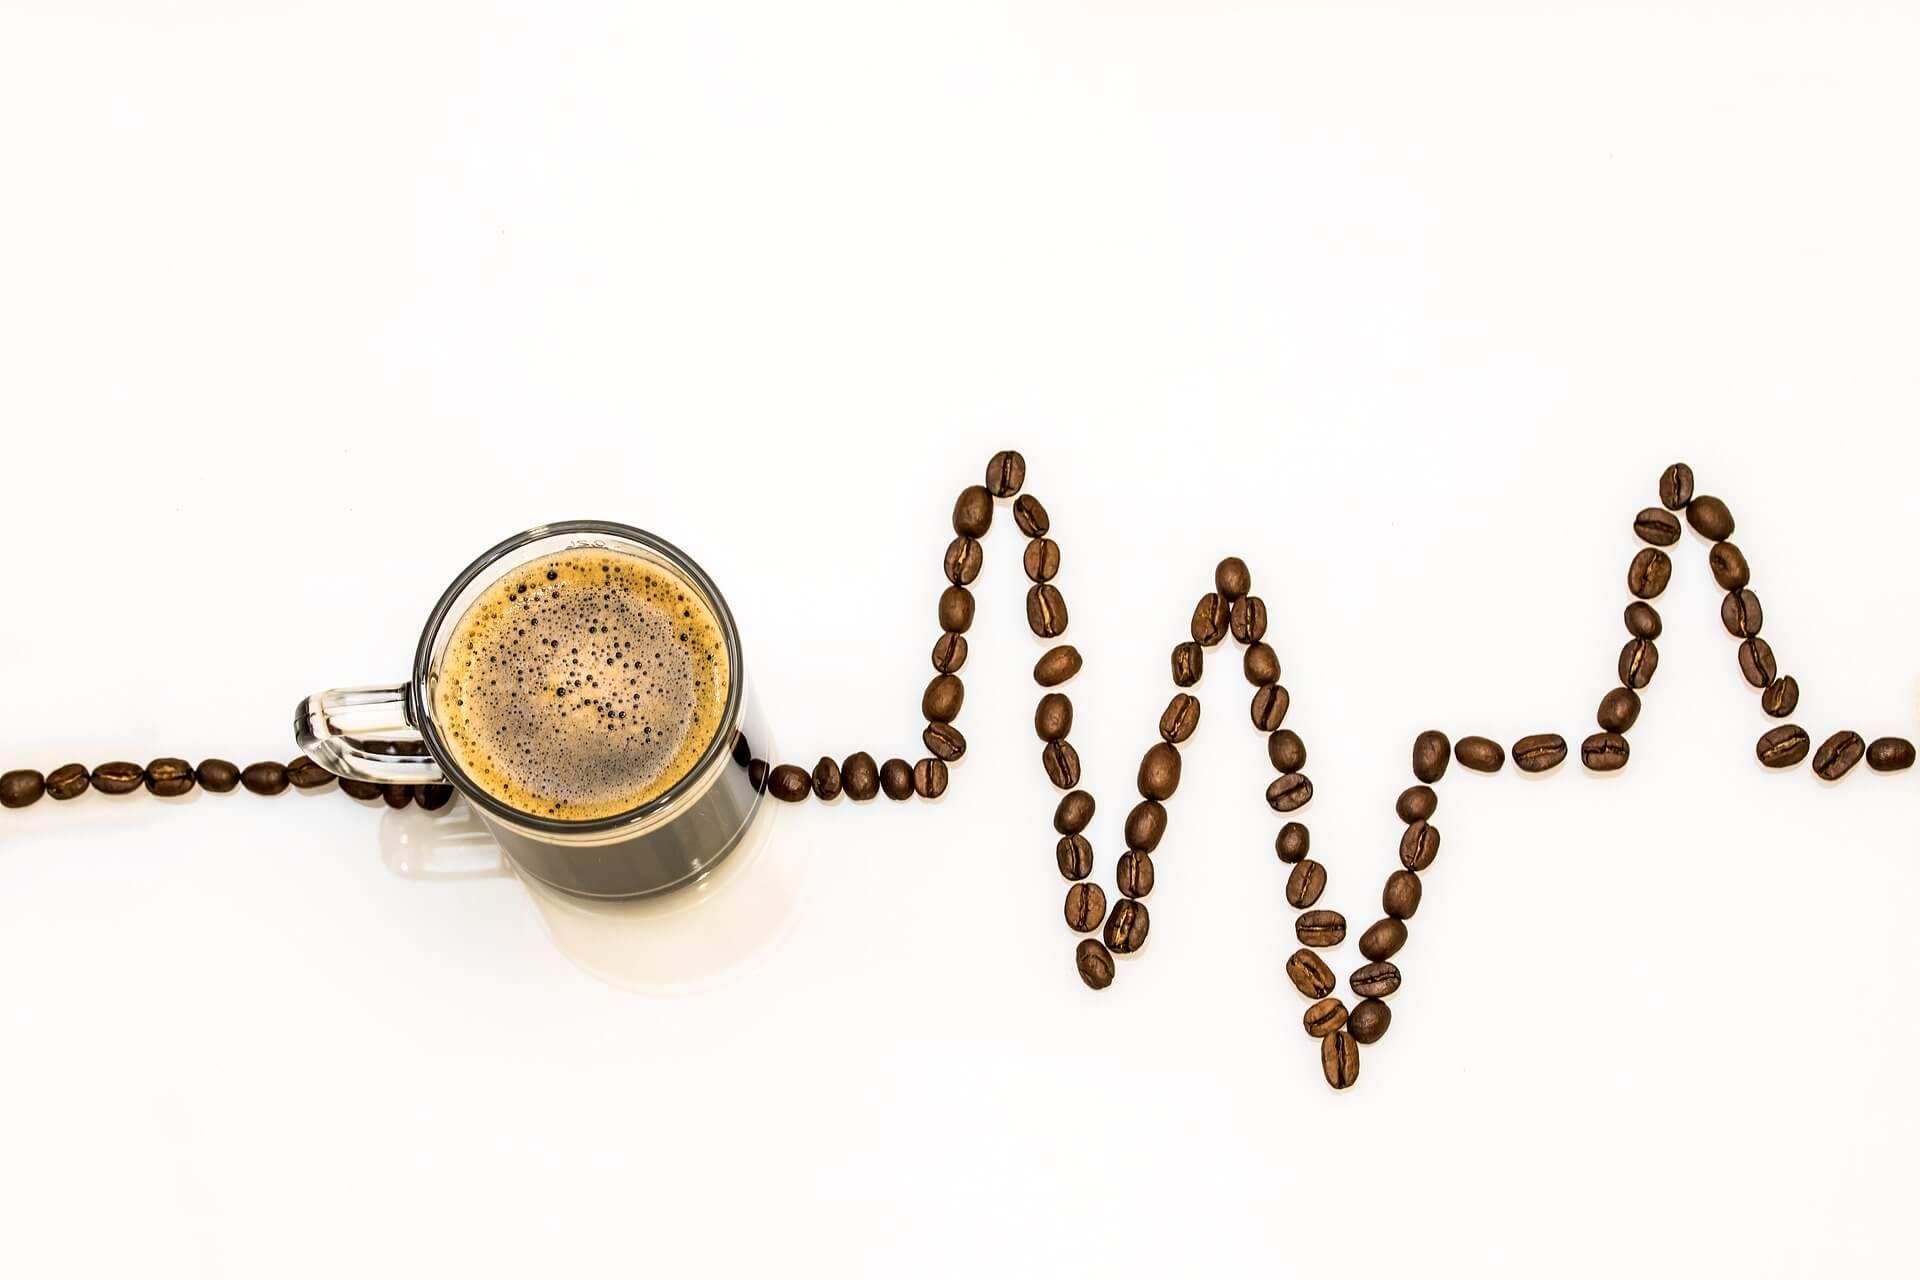 koffeingehalt von kaffee header